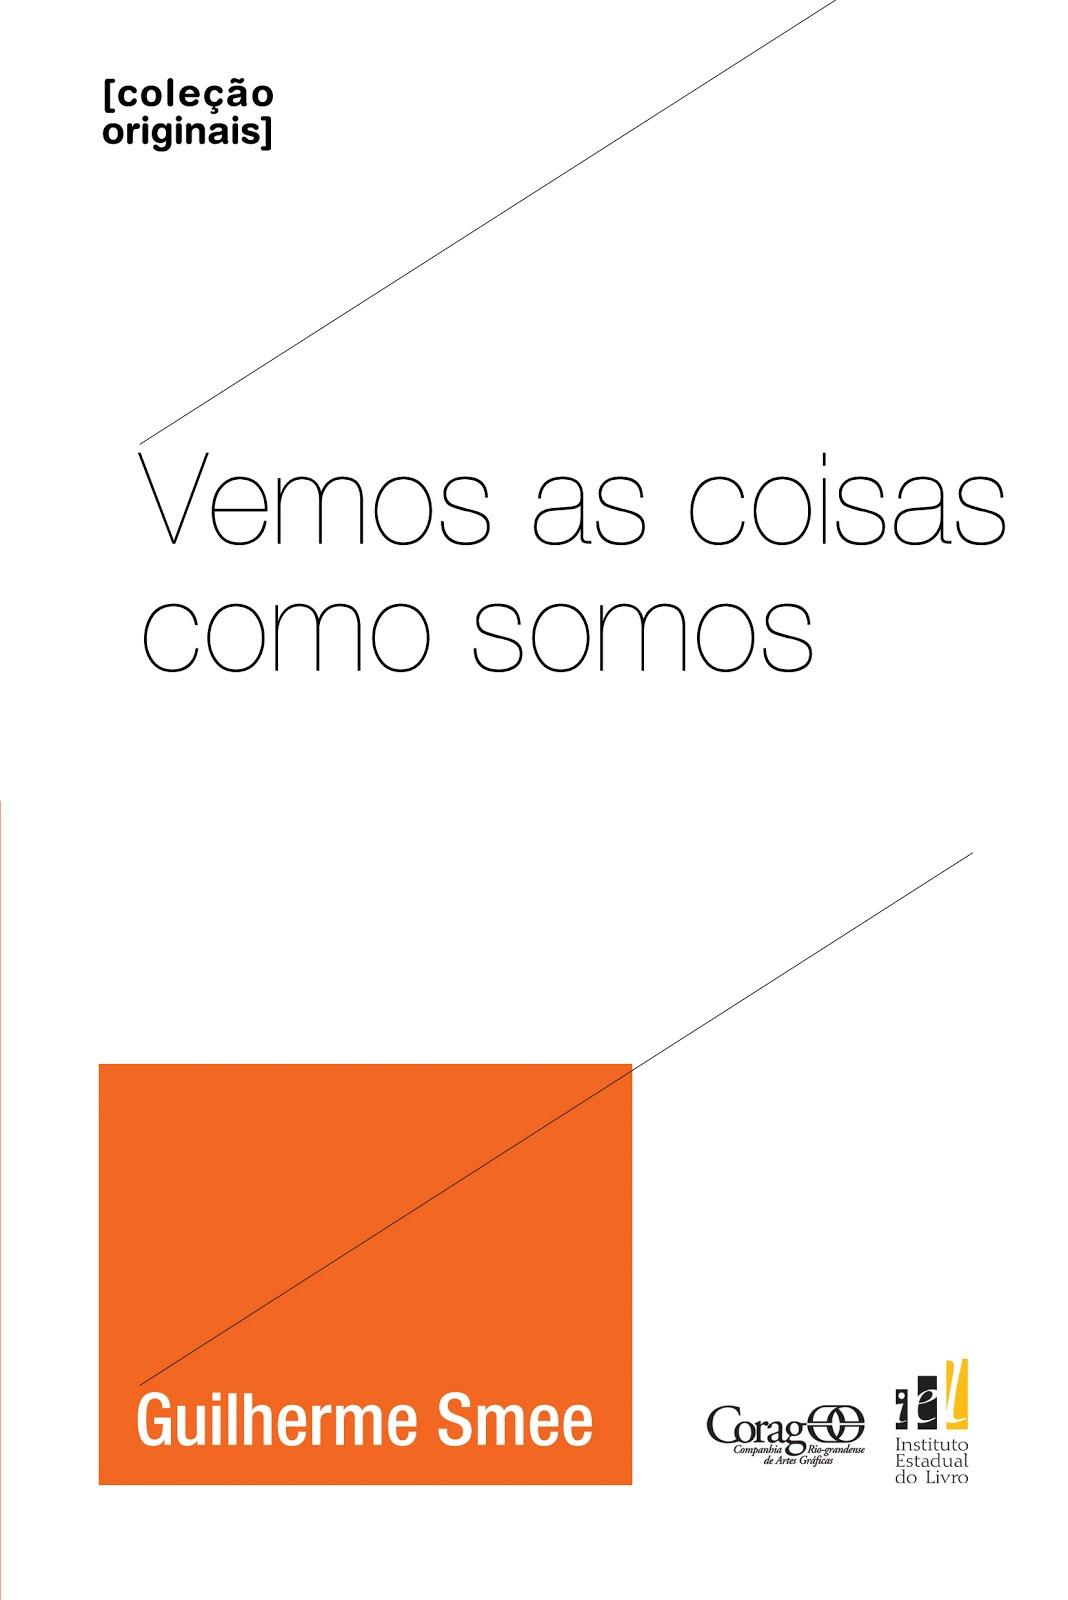 Vemos as coisas como somos, de Guilherme Smee (2012, IEL/Corag)